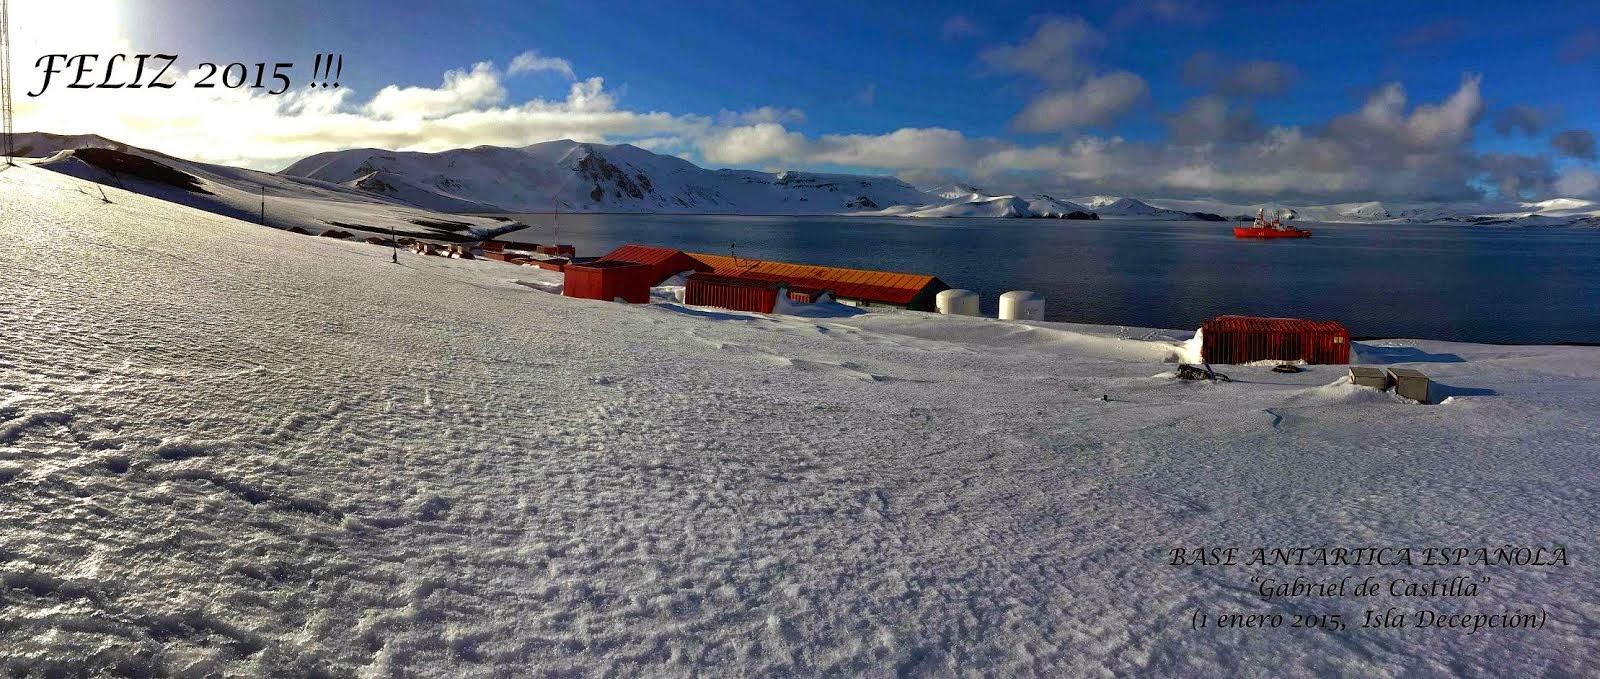 Feliz año desde la Antártida!!